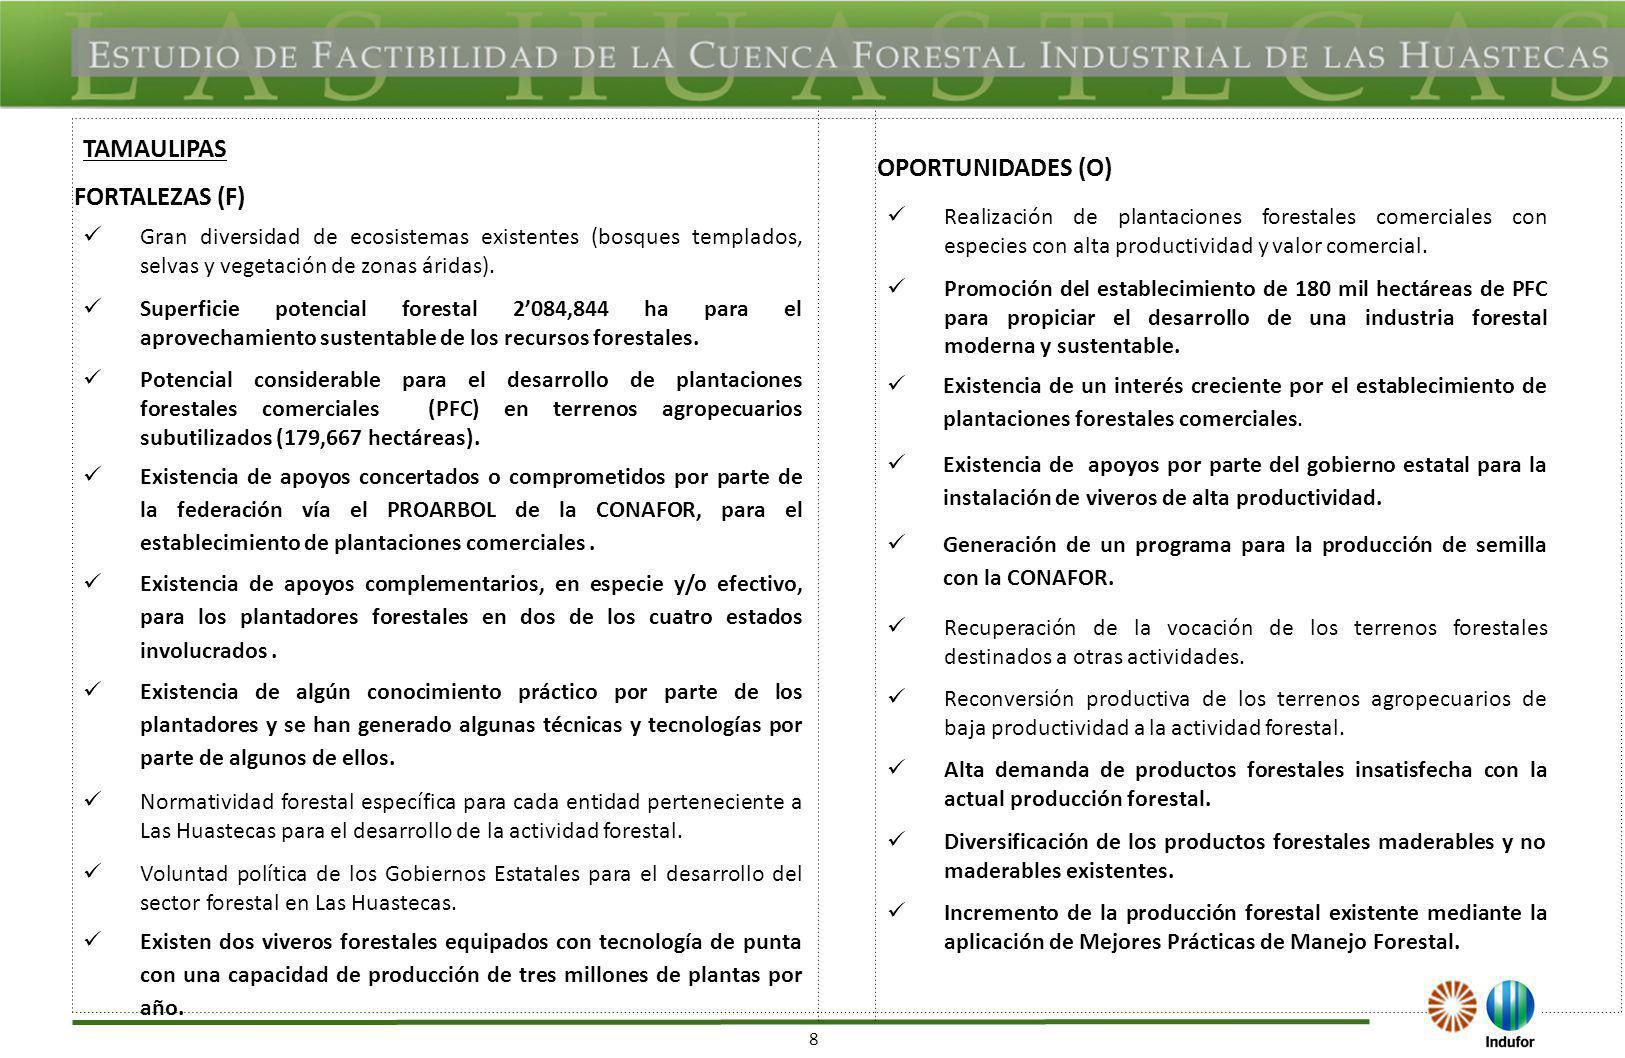 29 DEBILIDADES (D)AMENAZAS (A) Escasez de asistencia técnica para el manejo adecuado de los recursos forestales.